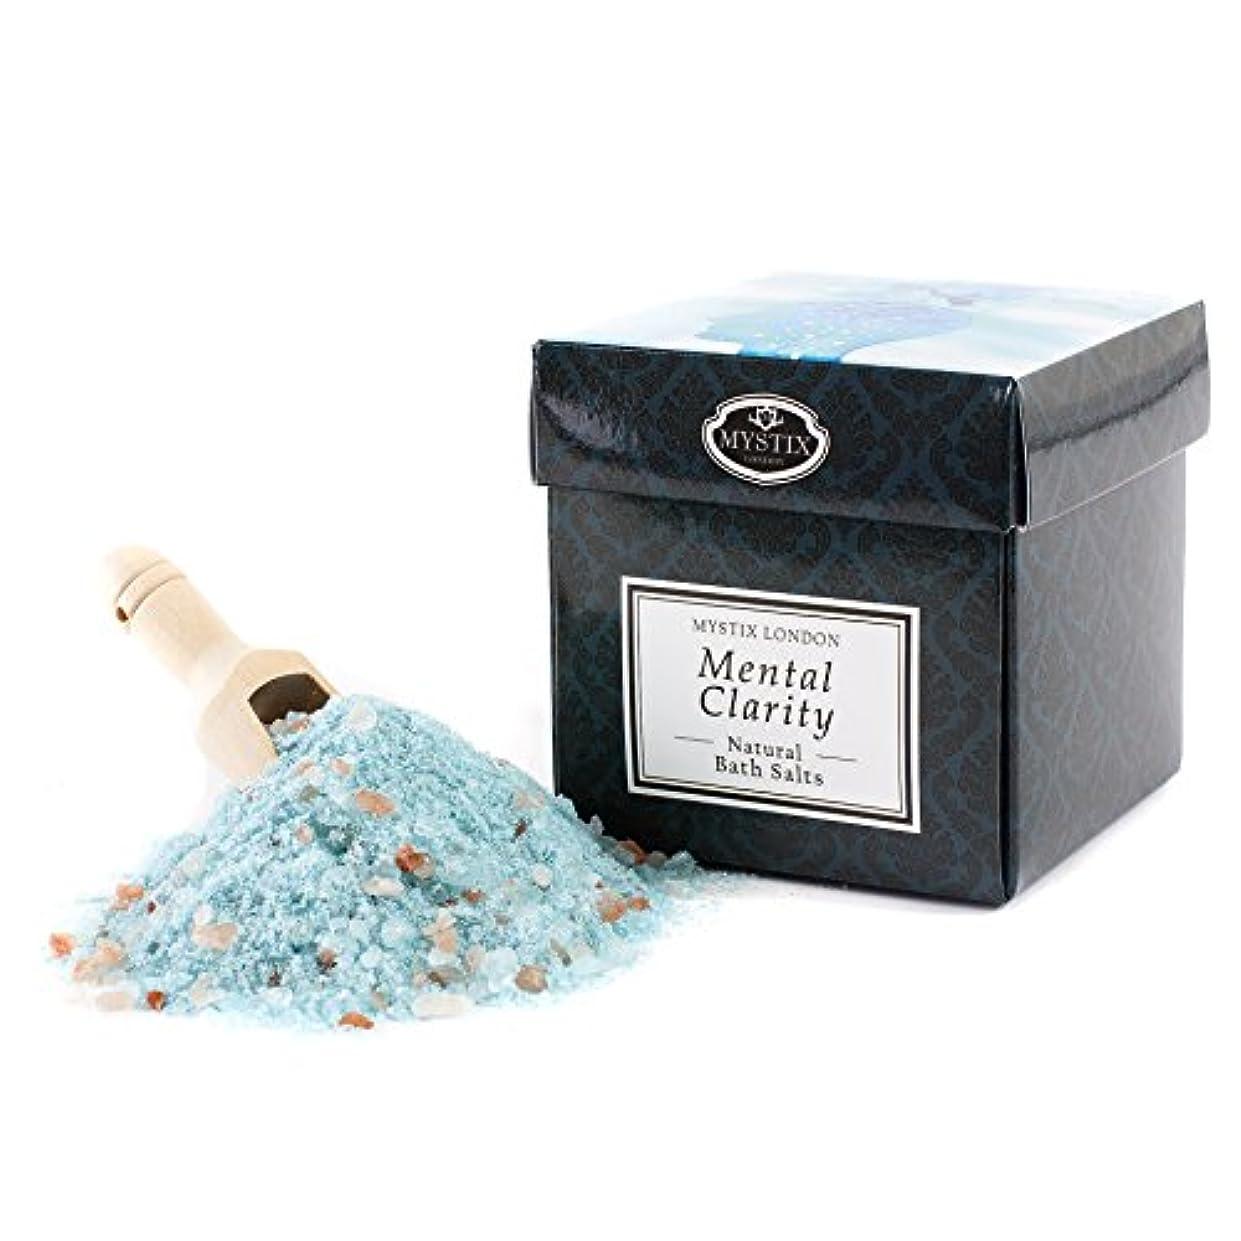 Mystix London   Mental Clarity Bath Salt - 350g